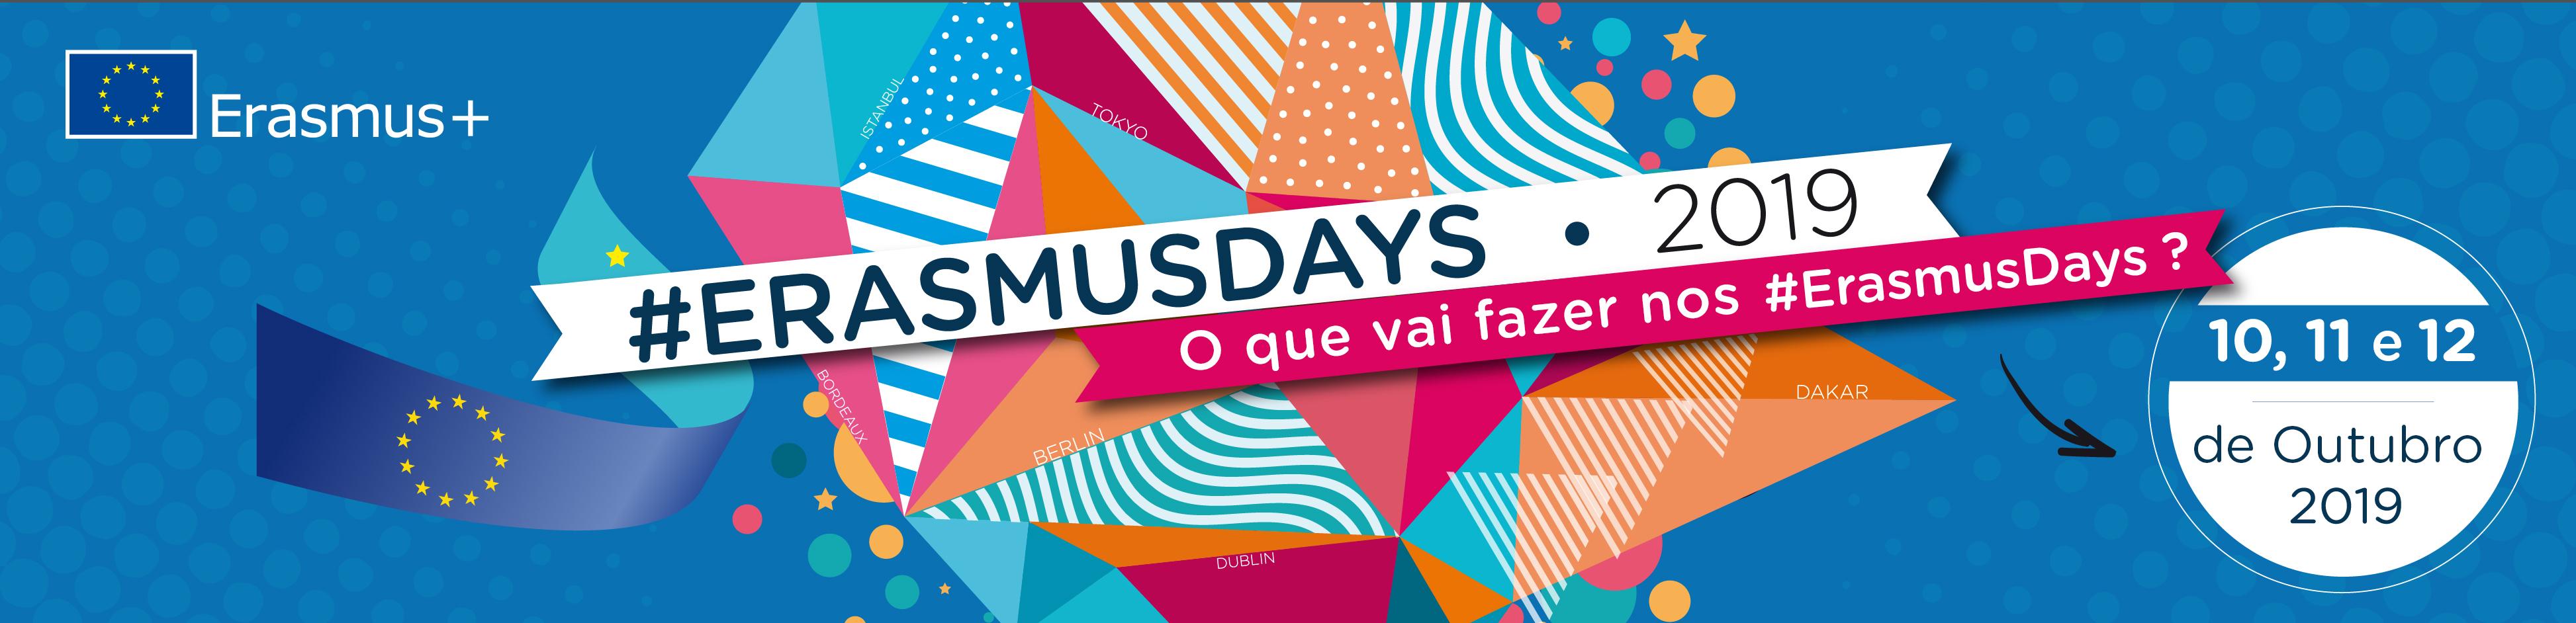 Edifacoop - ErasmusDays19 - (Re)Viver o Erasmus+